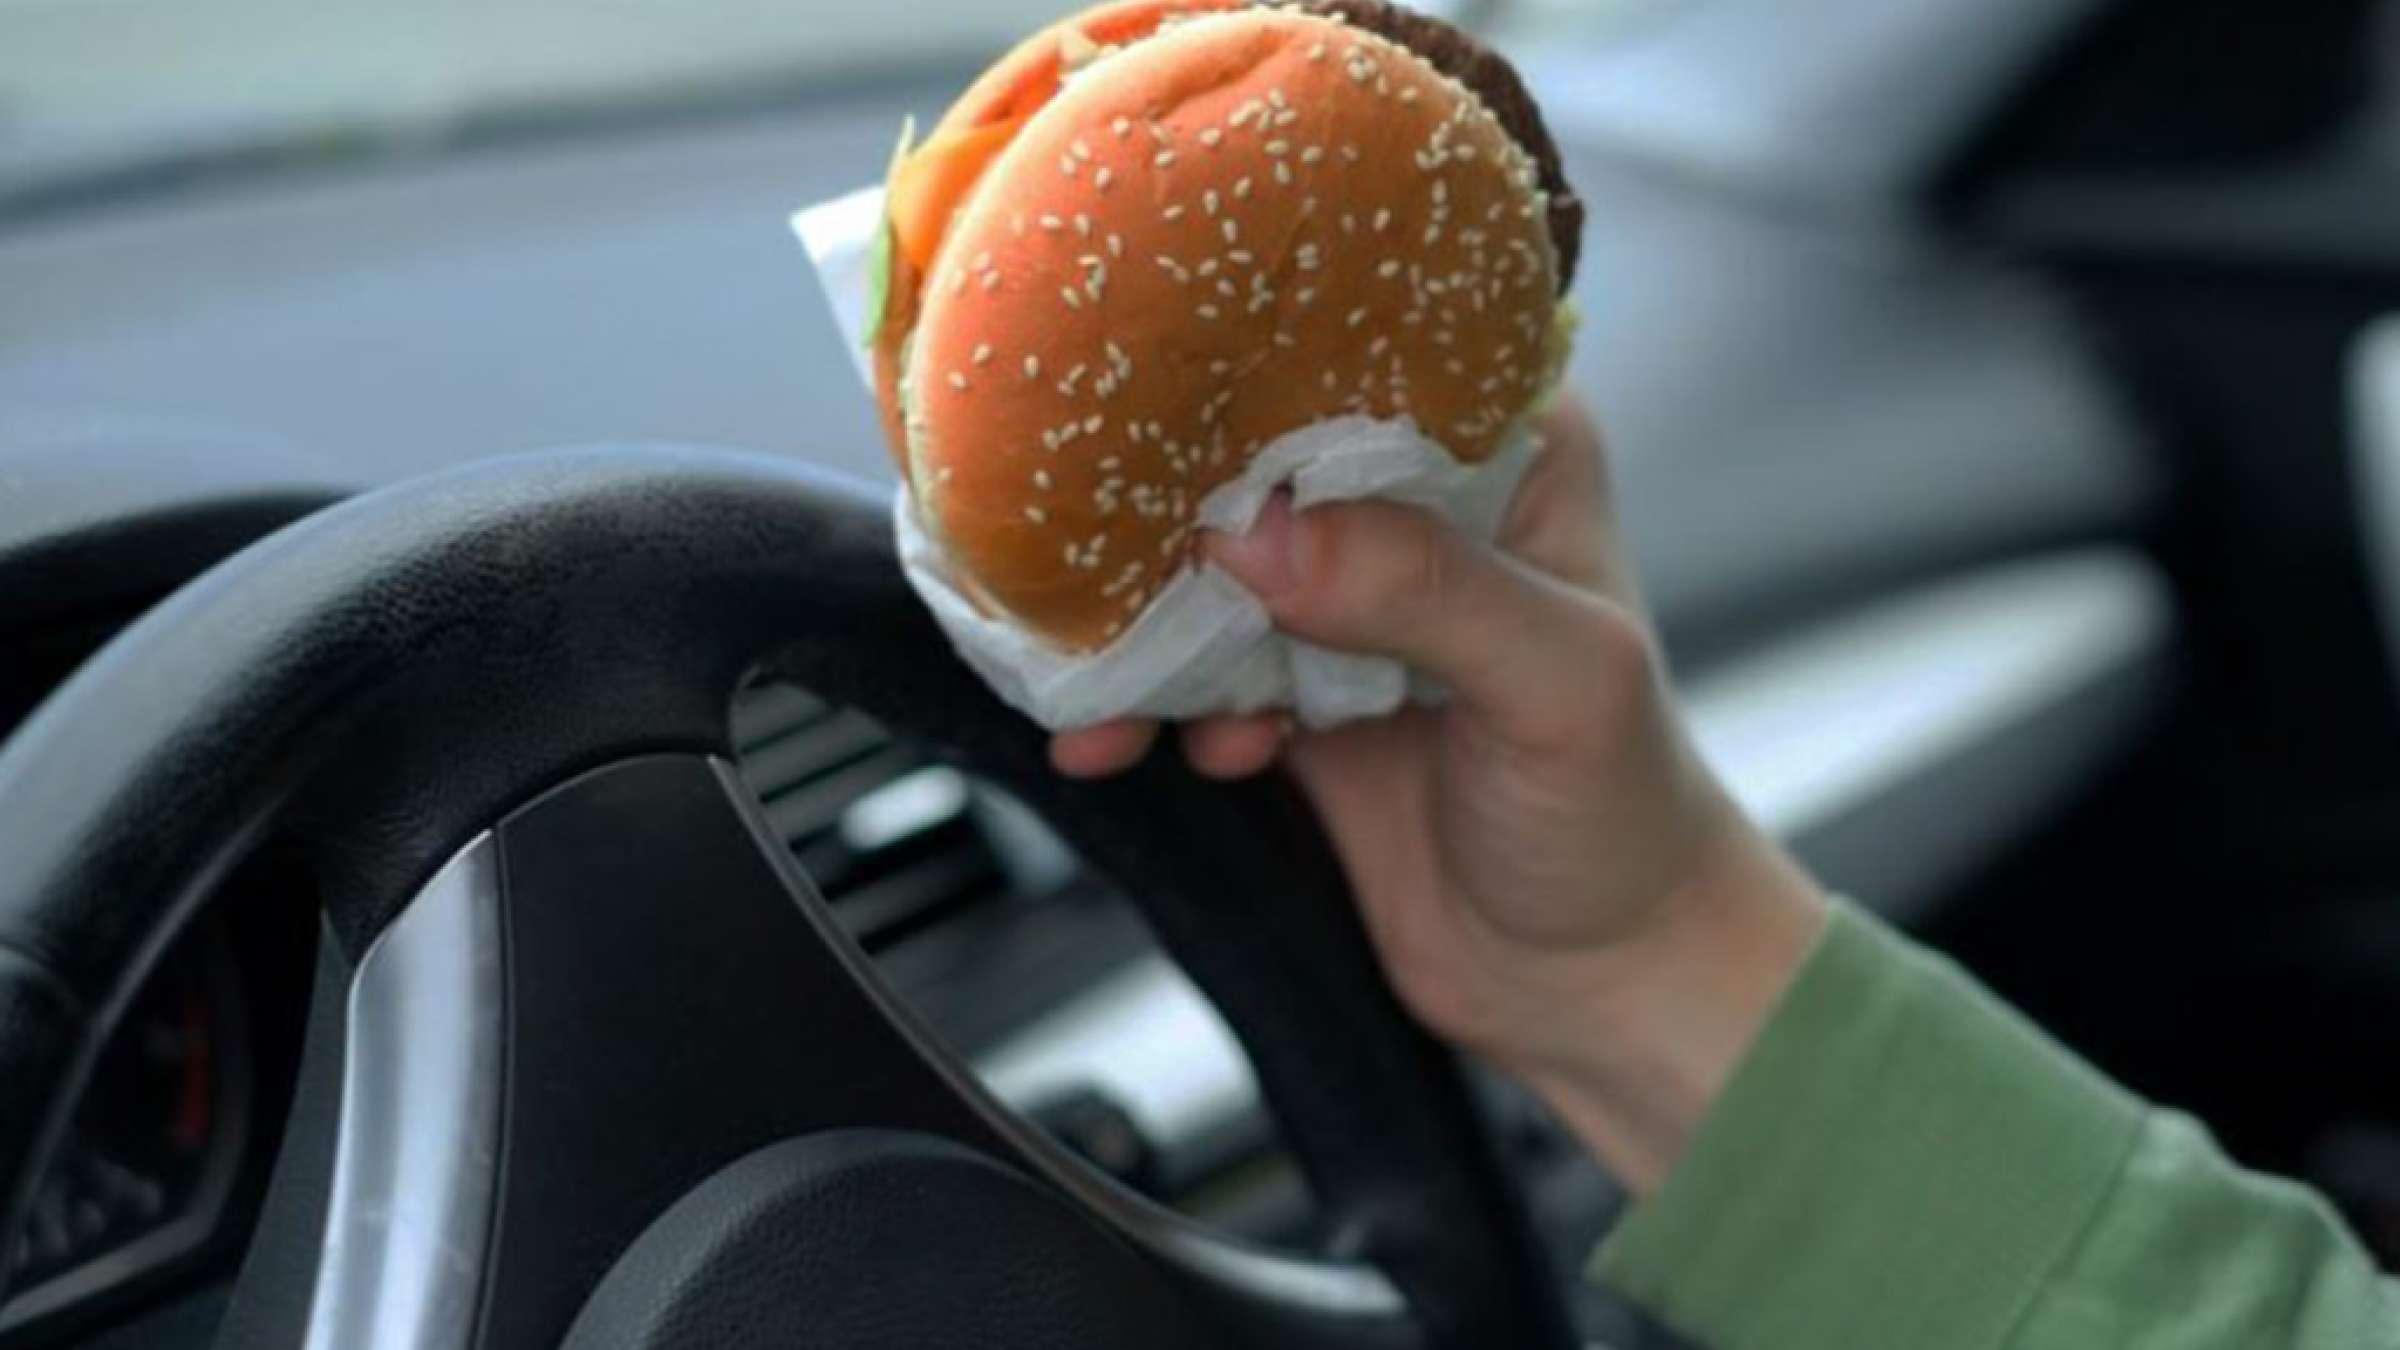 اخبار-تورنتو-هزار-و-پانصد-دلار-جریمه-بخاطر-غذا-خوردن-هنگام-رانندگی